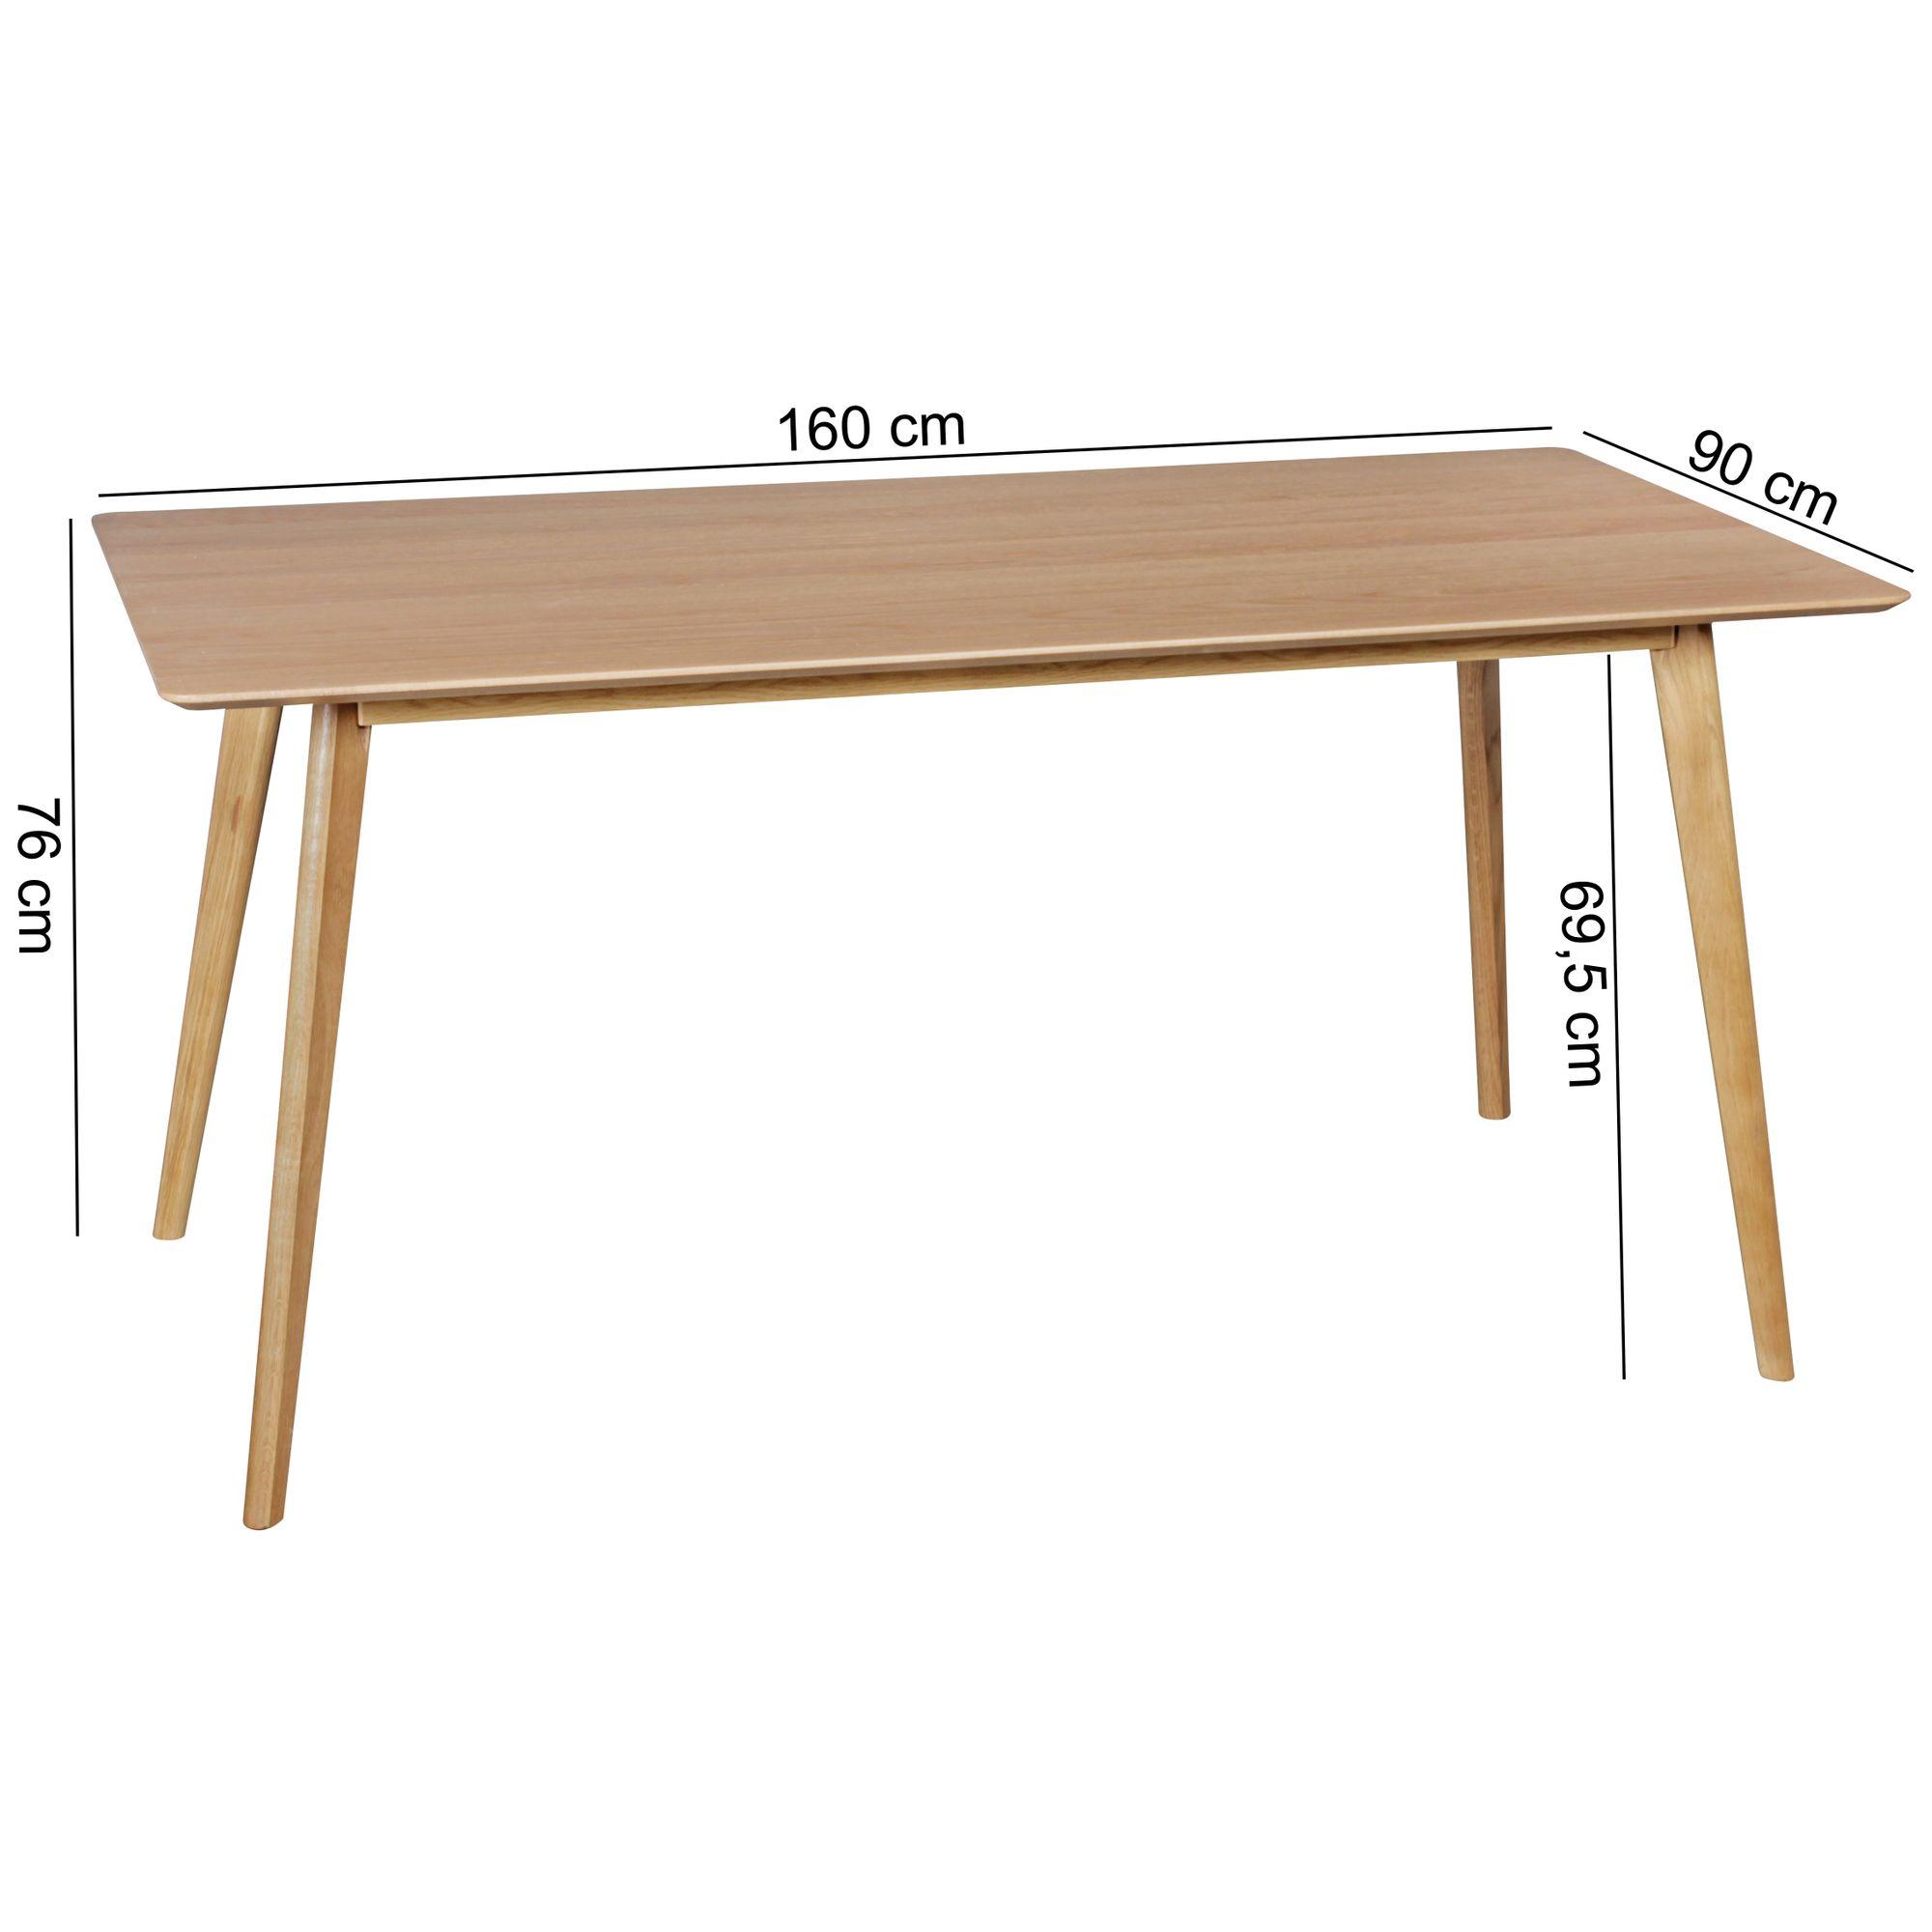 Esszimmertisch 160x90 Cm MDF Esstisch Skandinavisch